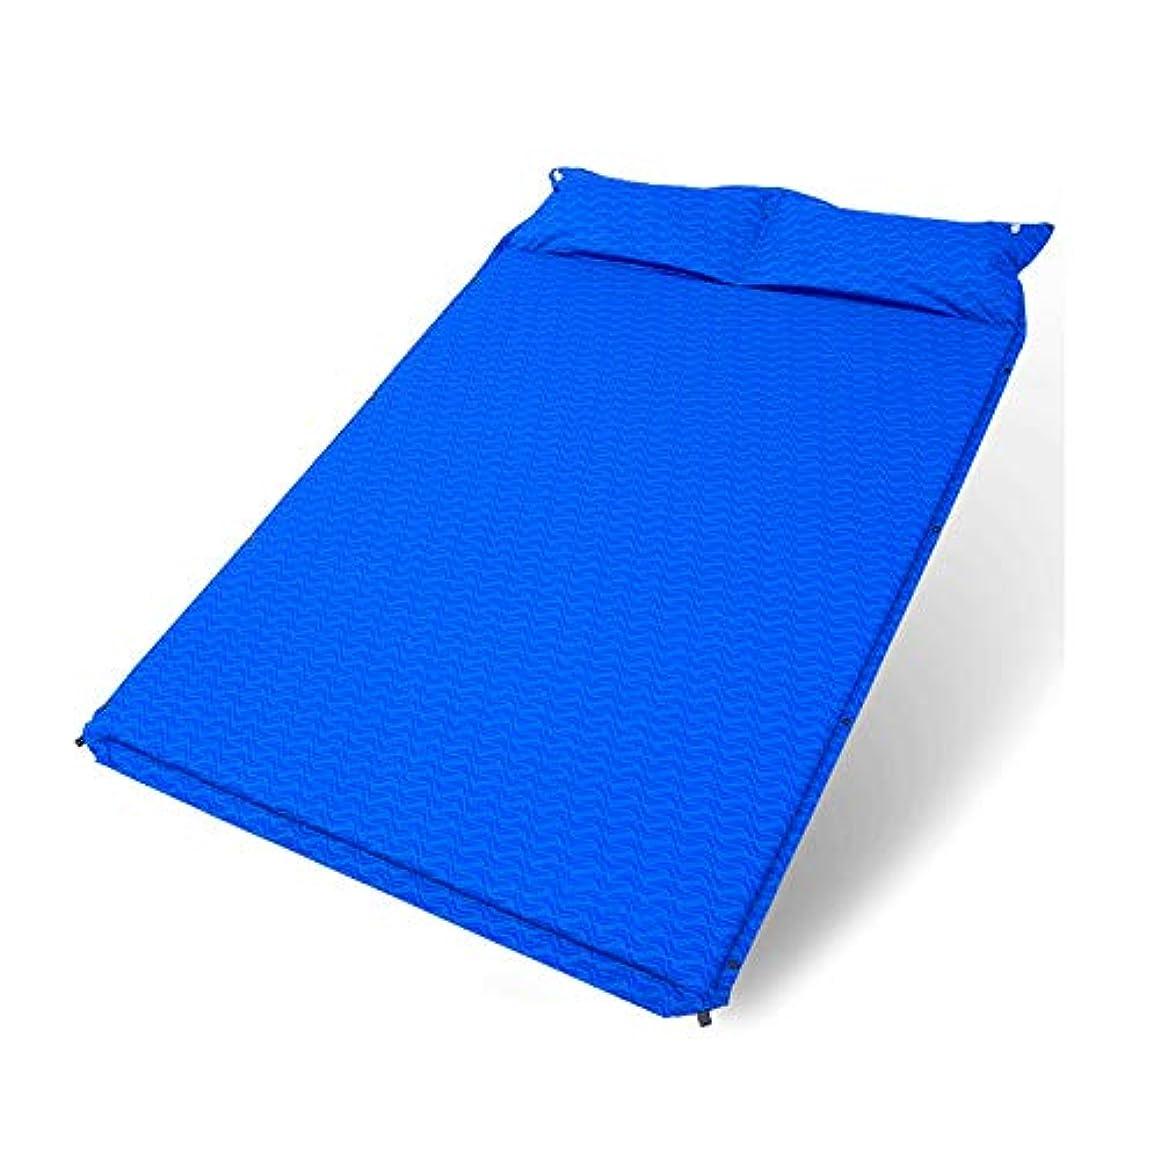 振り子打倒悲しむJia Xing パッドシエスタエアマットレスポータブル昼休みマットクッションカーマットレスエアベッドをスリーピングダブルエアベッド自動インフレータブルクッション屋外のテント エアベッド